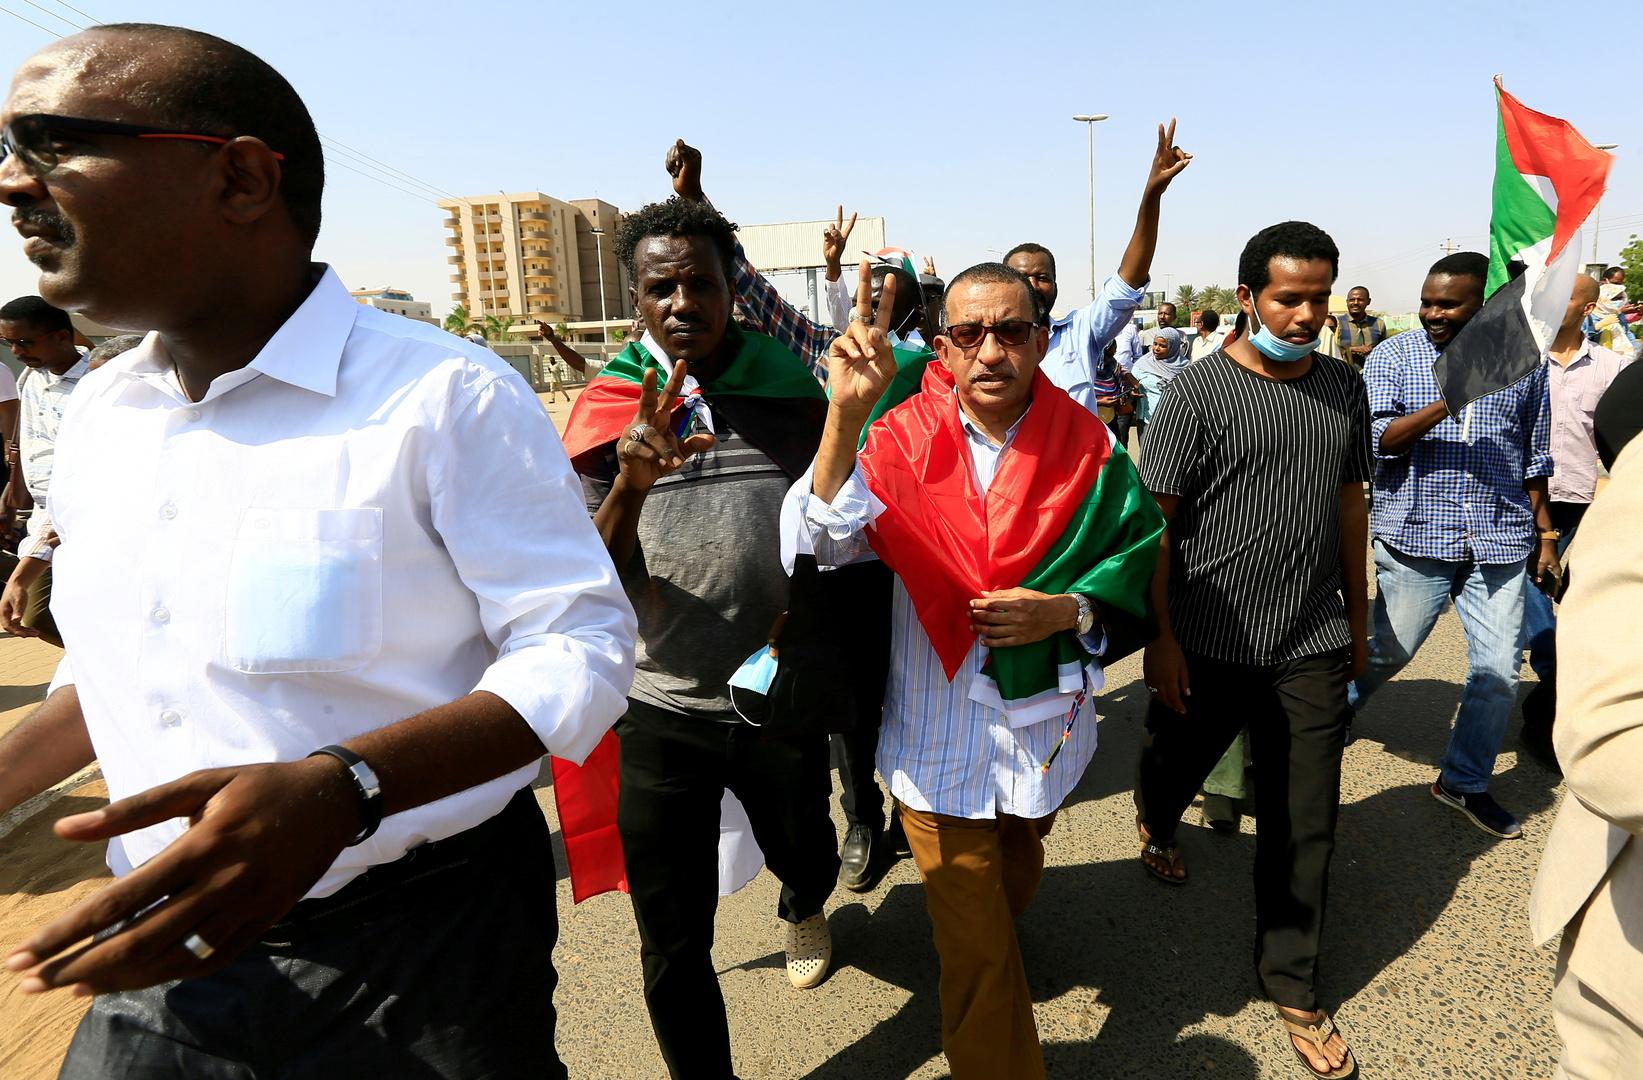 احتجاجات ضد انقلاب الجيش على الحكومة في السودان